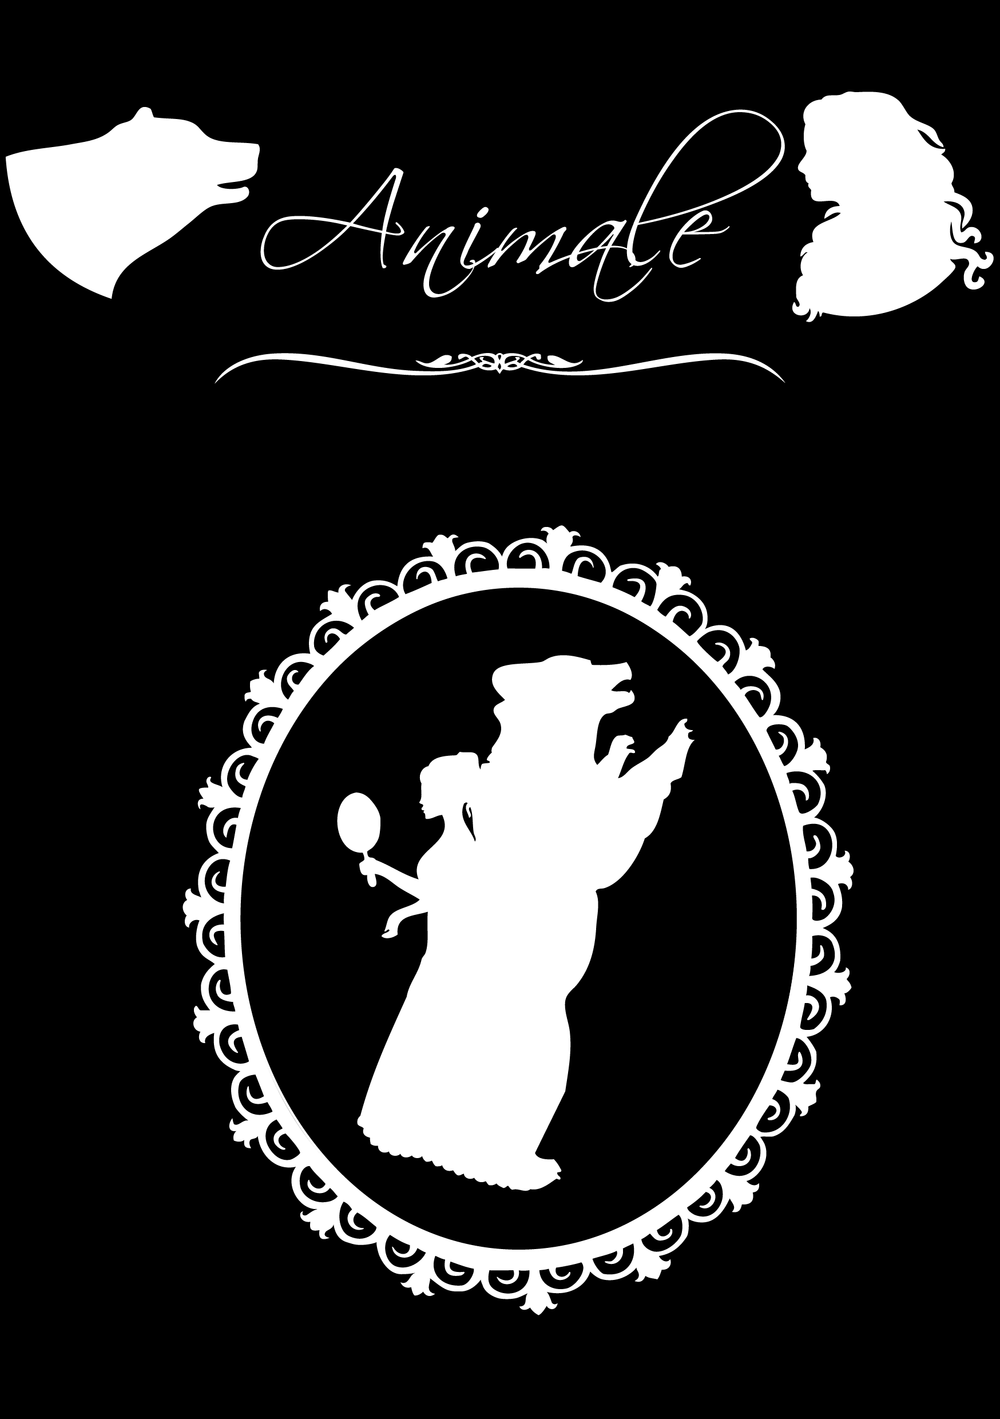 A l'occasion des rencontres on m'a remis un superbe album inspiré d'Animale, dans lequel j'ai aussi glissé d'autres oeuvres offertes par les lecteurs pendant le festival, comme ce somptueux médaillon réalisé par Sara